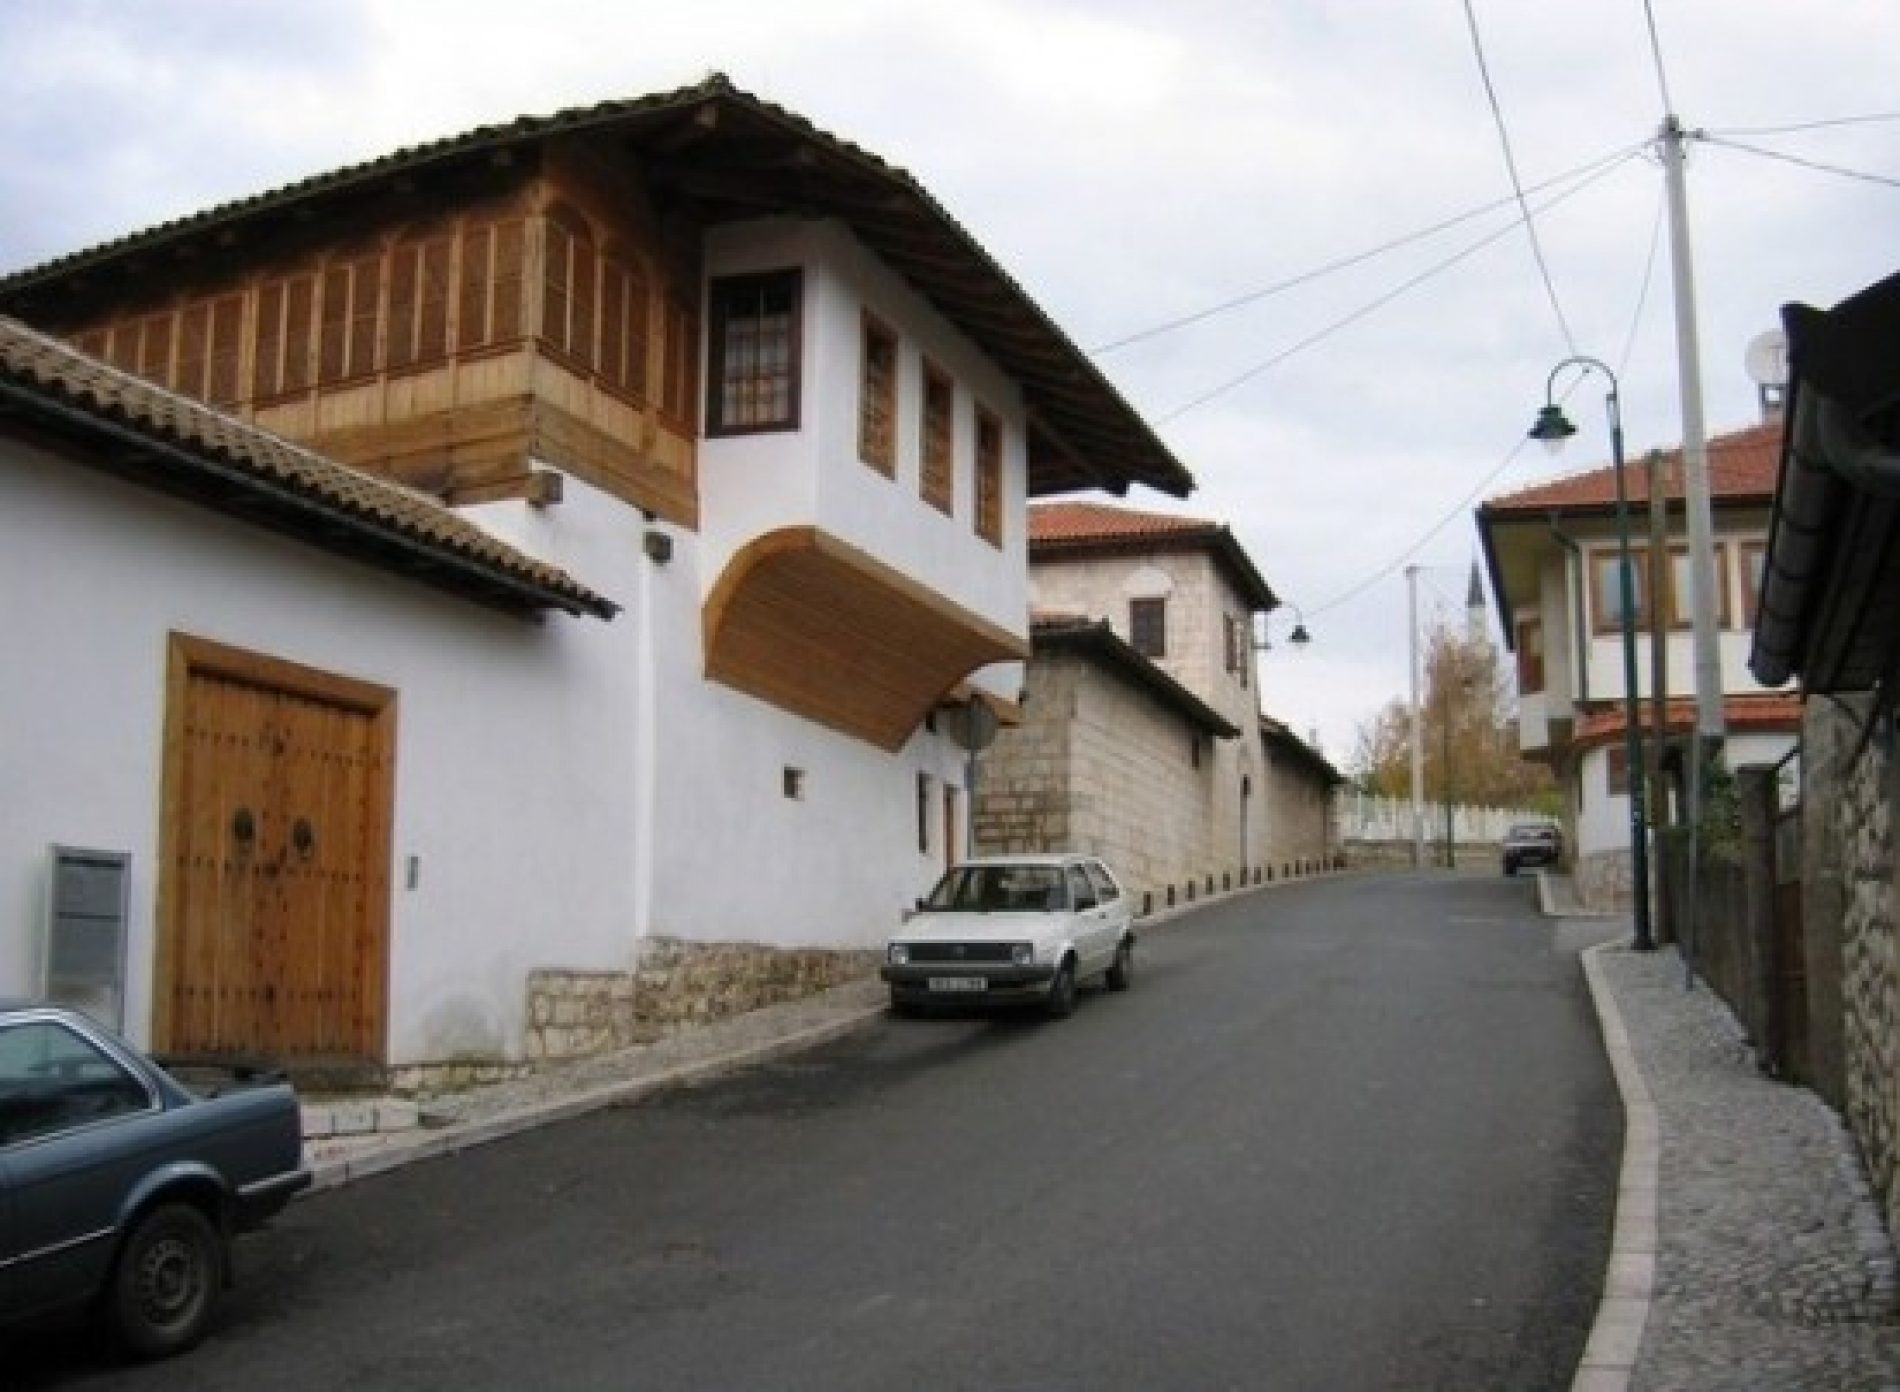 Kuća Alije Đerzeleza, heroja usmenih legendi iz 17. vijeka